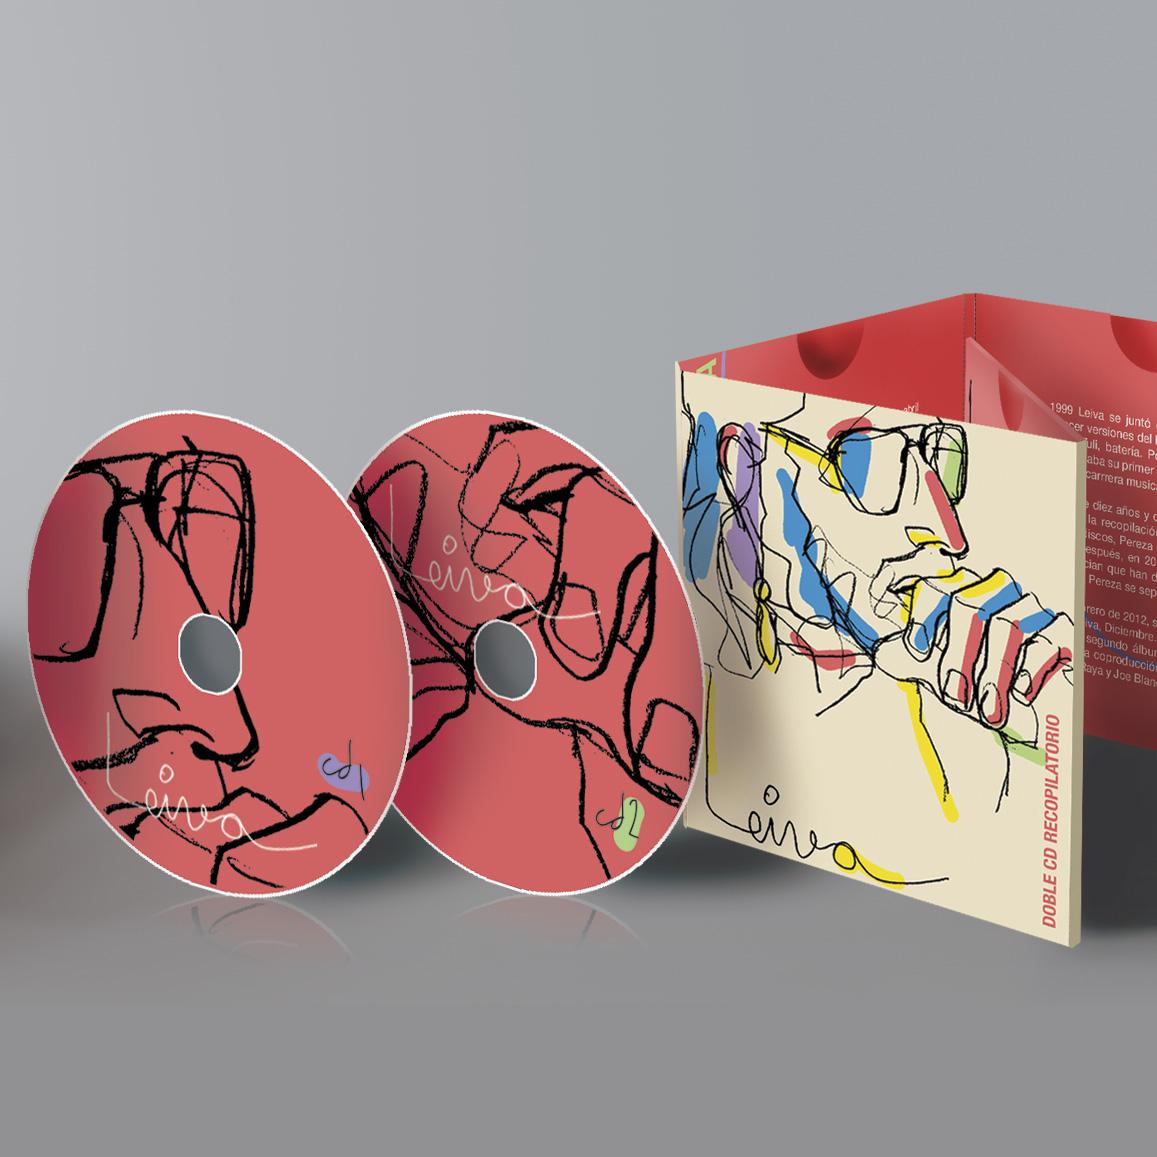 Diseño e ilustración CD leiva